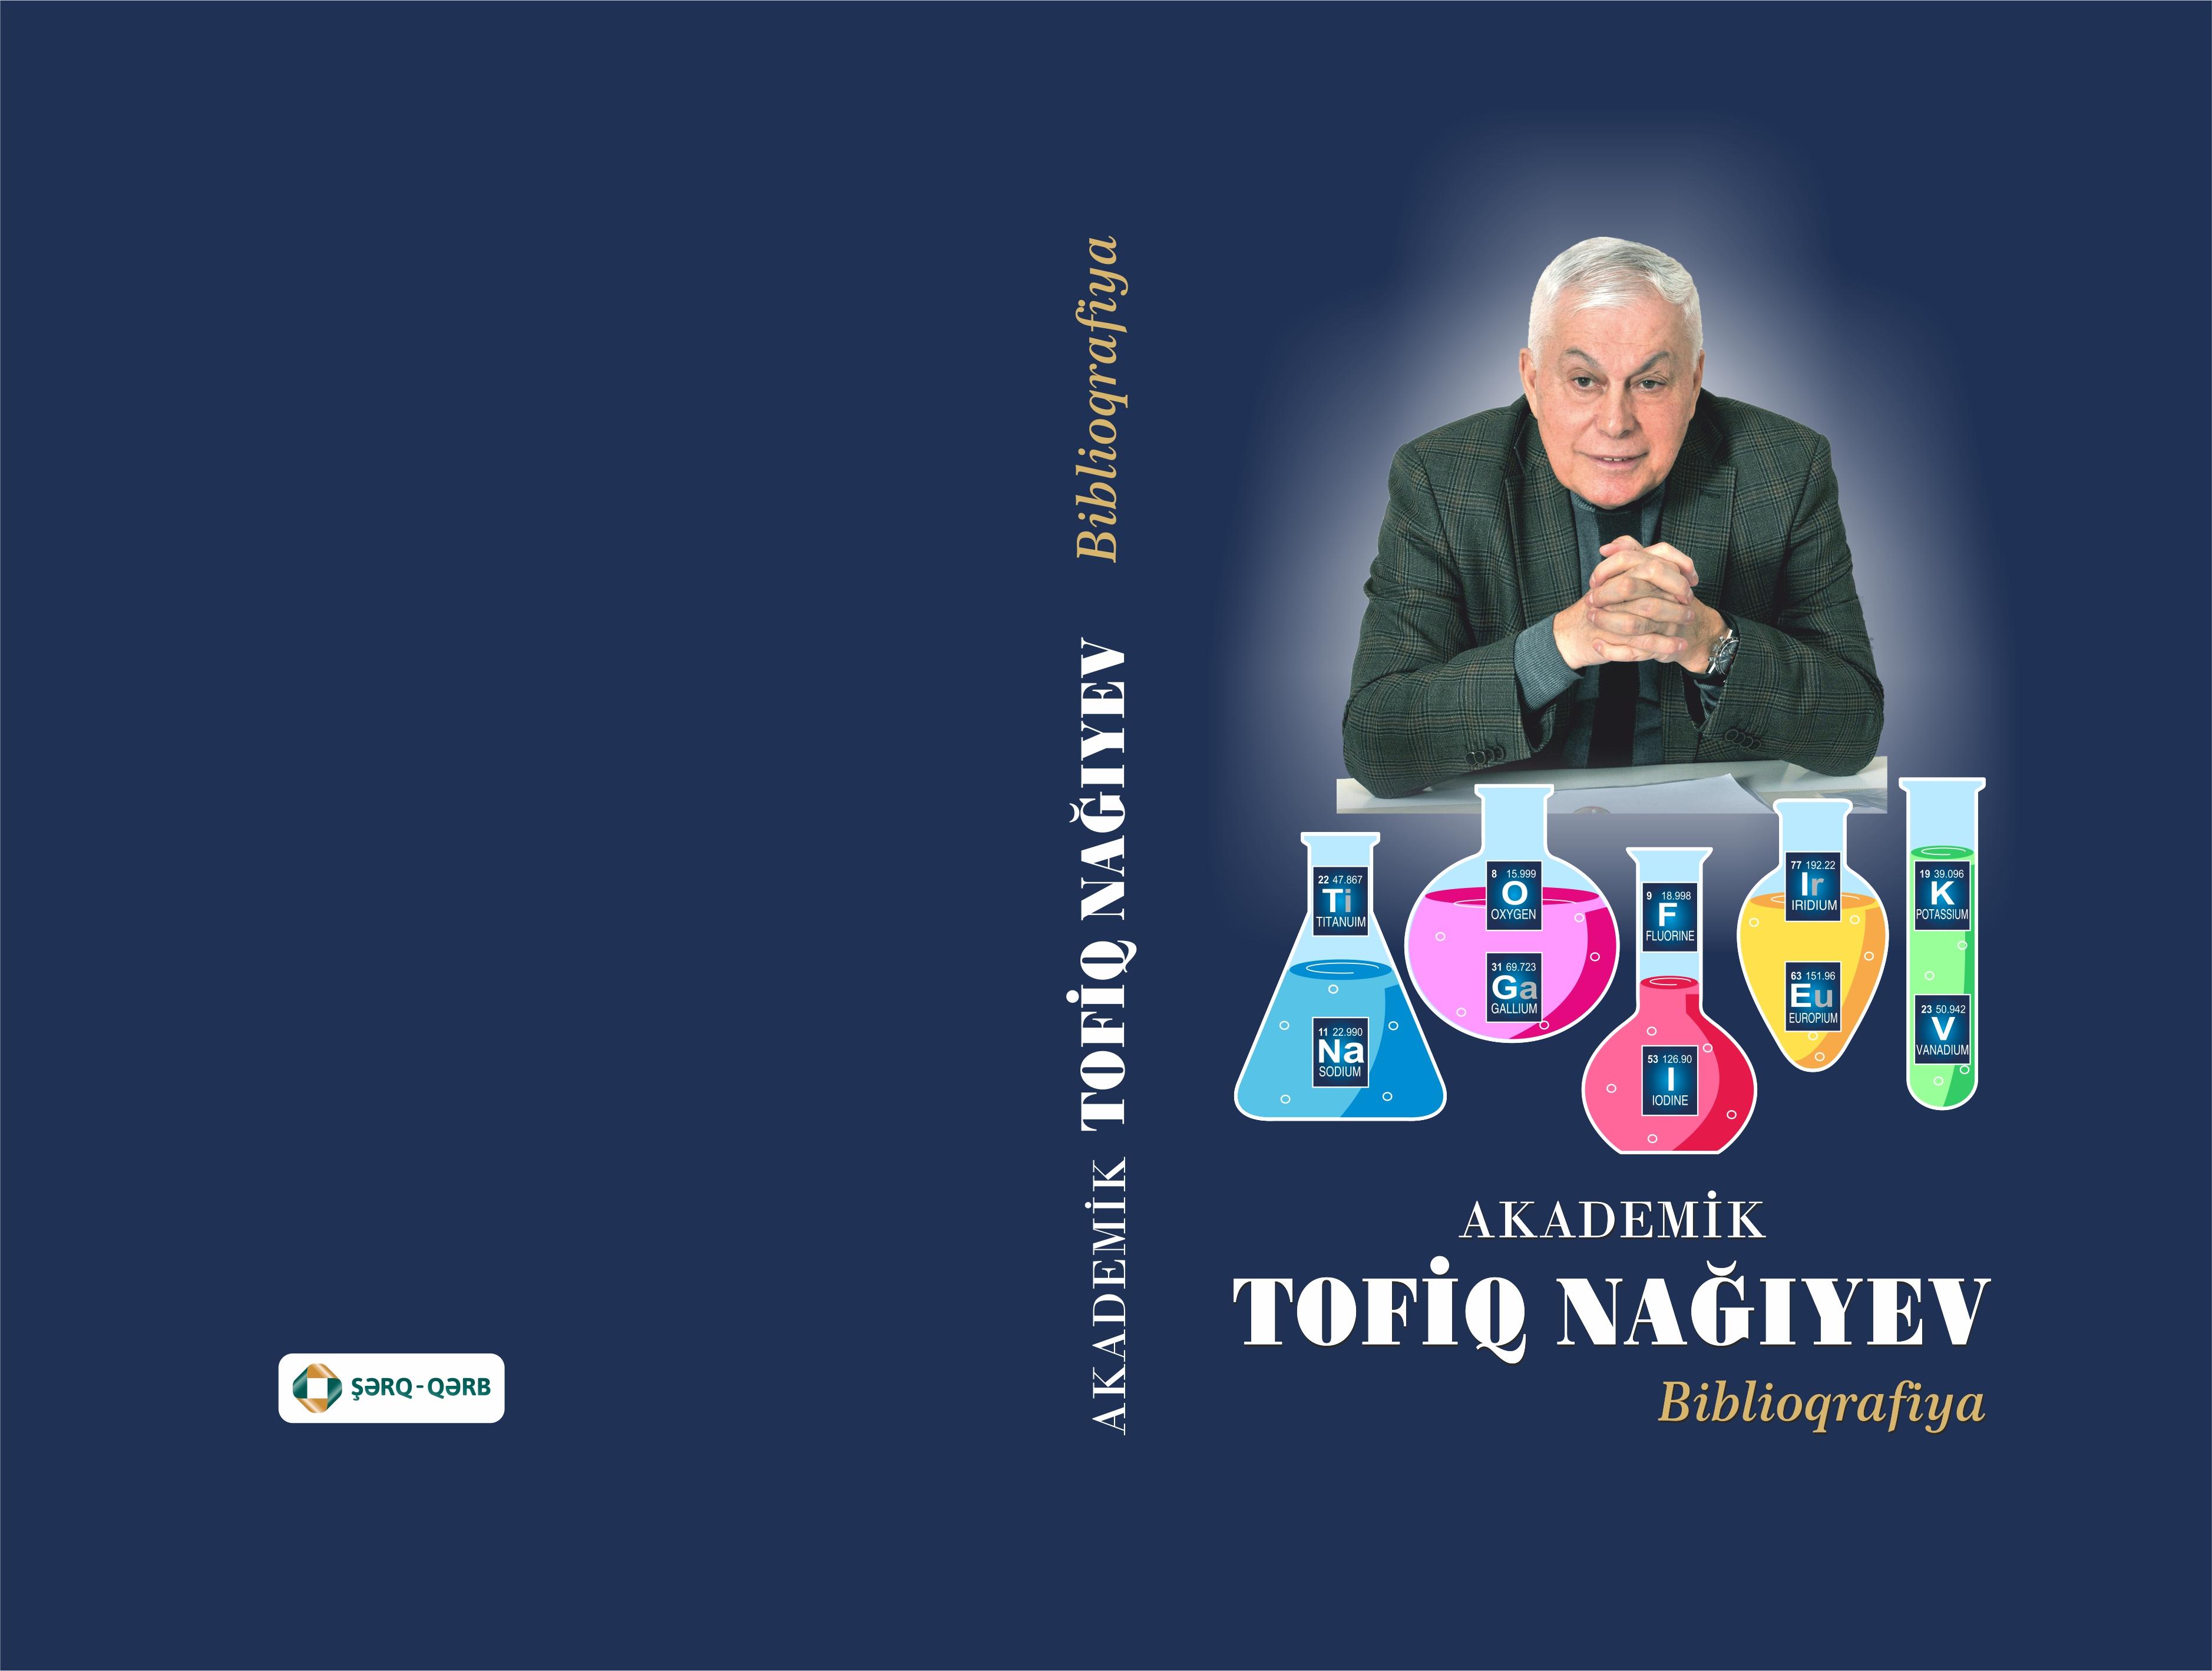 Dövlət mükafatı laureatı akademik Tofiq Nağıyevin biblioqrafiyası nəşr edilib